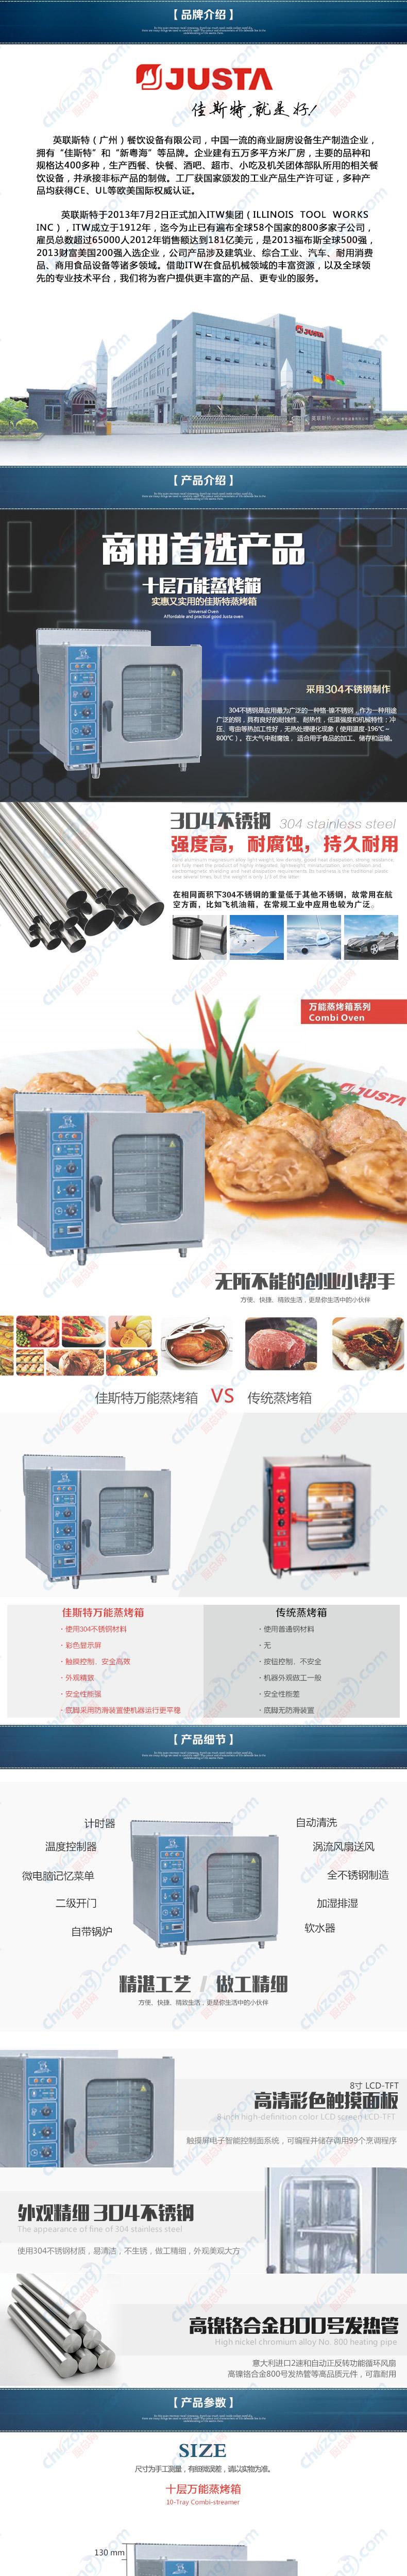 佳斯特十層機械版電萬能蒸烤箱